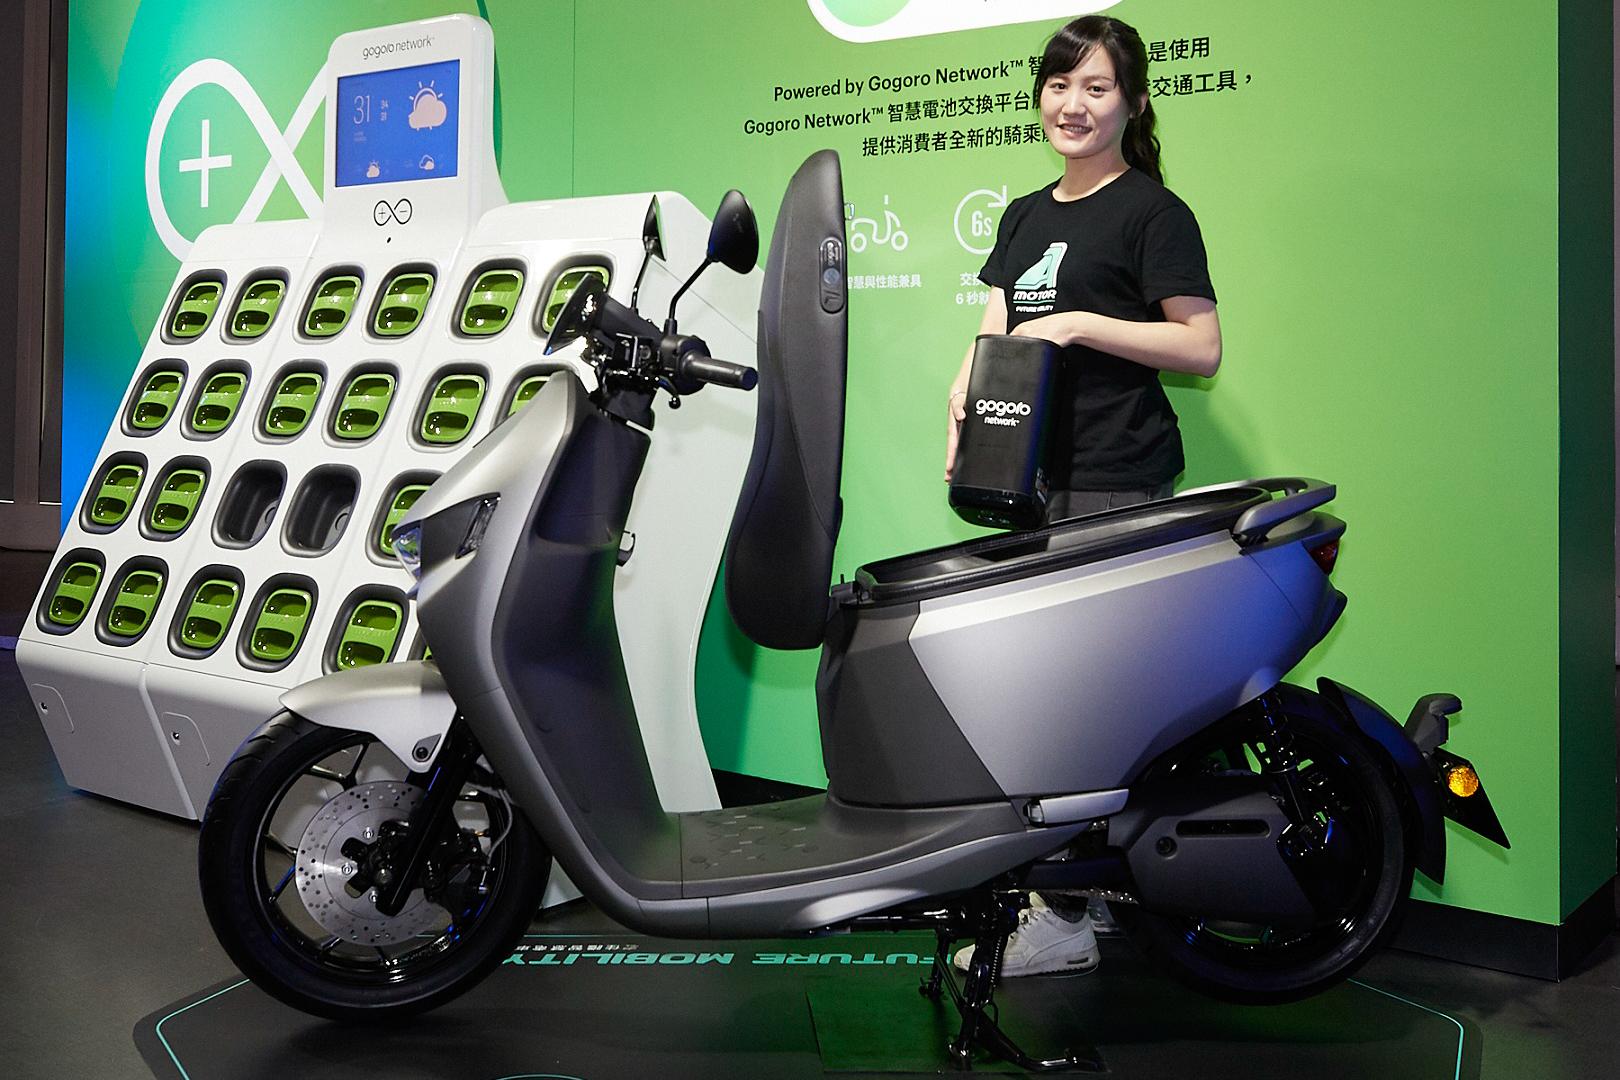 全新智慧電車 Ai-1 Sport 同樣立基於 Gogoro Network™ 智慧電池交換平台。